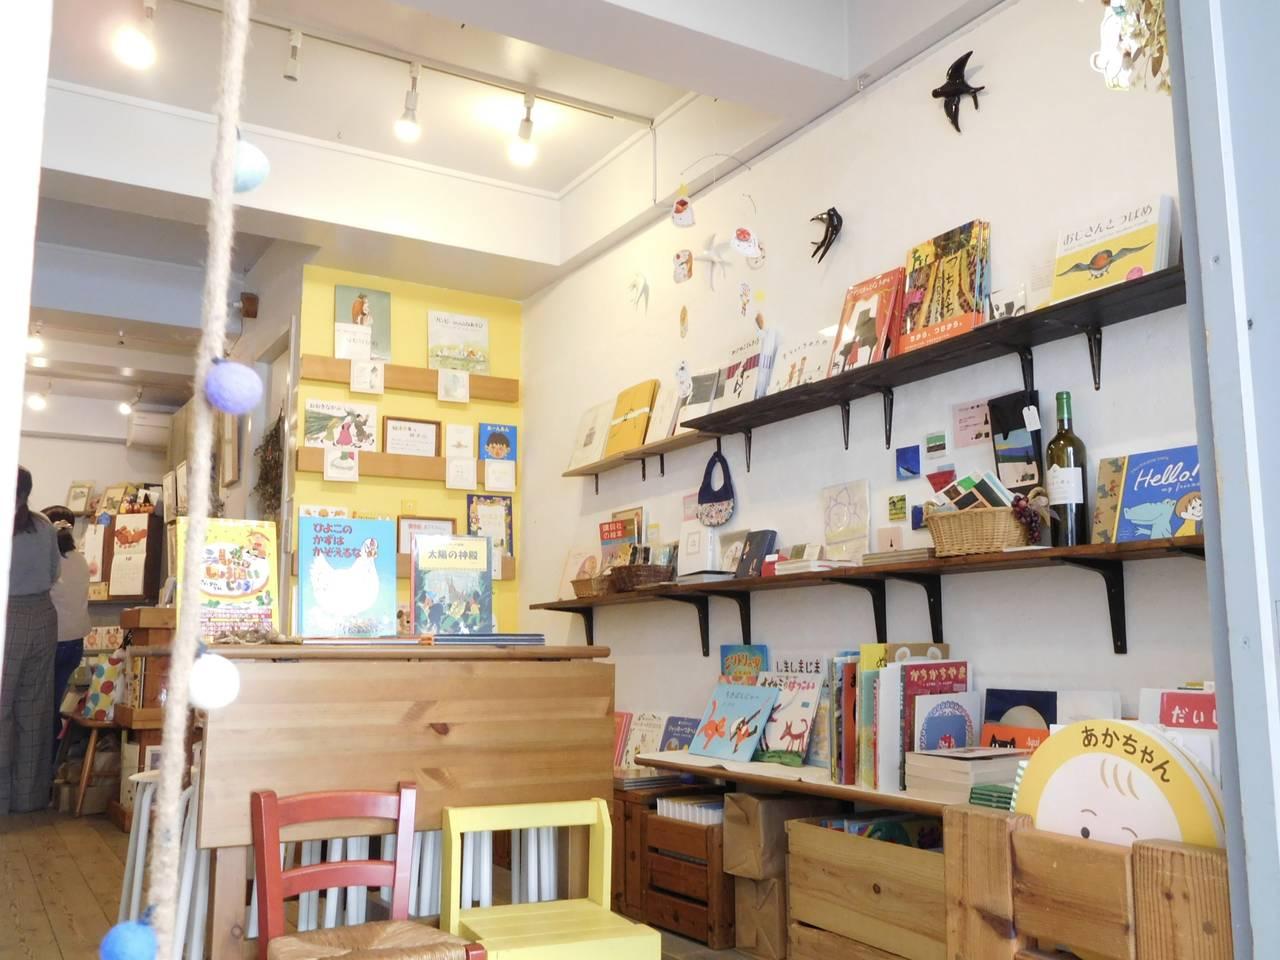 【東京・都立大学】大人もハマるオリジナル絵本が魅力!ニジノ絵本屋